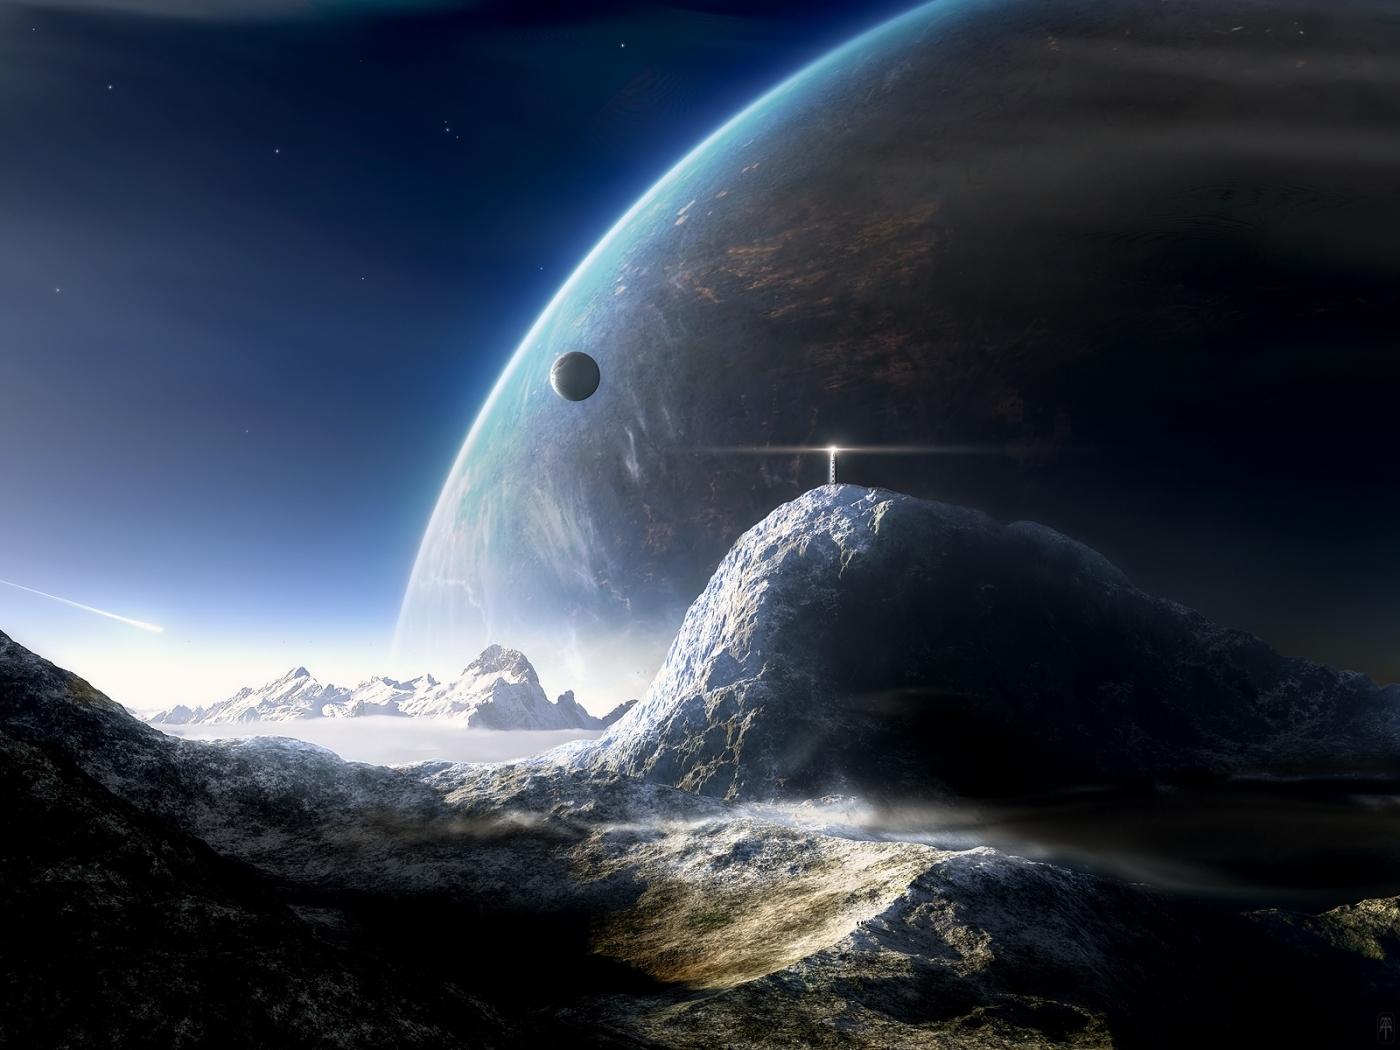 38365 скачать обои Фэнтези, Планеты, Космос - заставки и картинки бесплатно